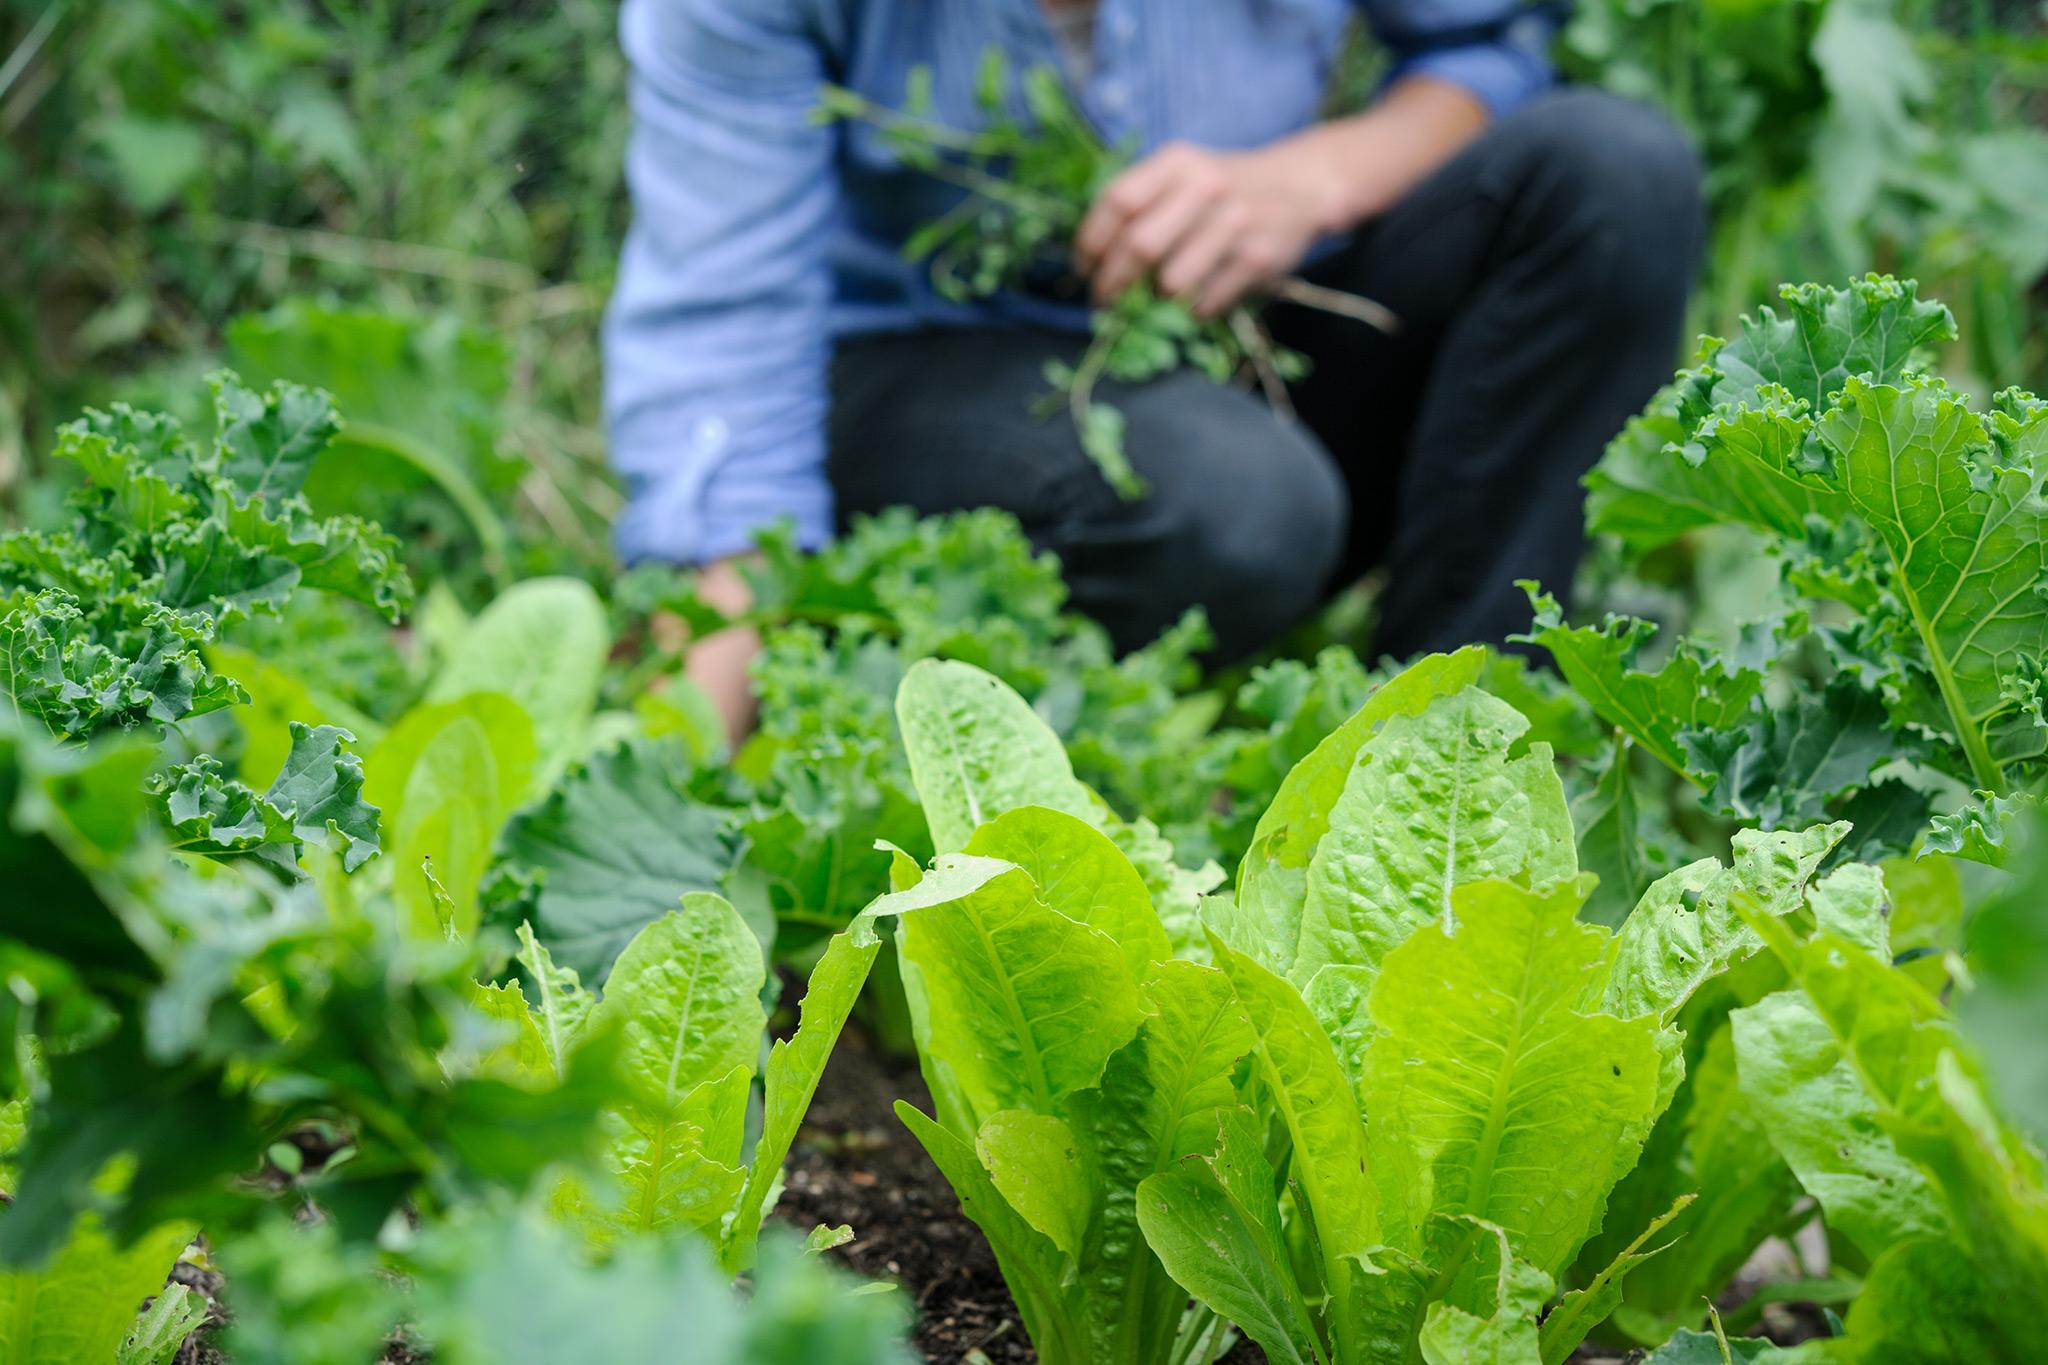 harvesting-lettuce-leaves-2